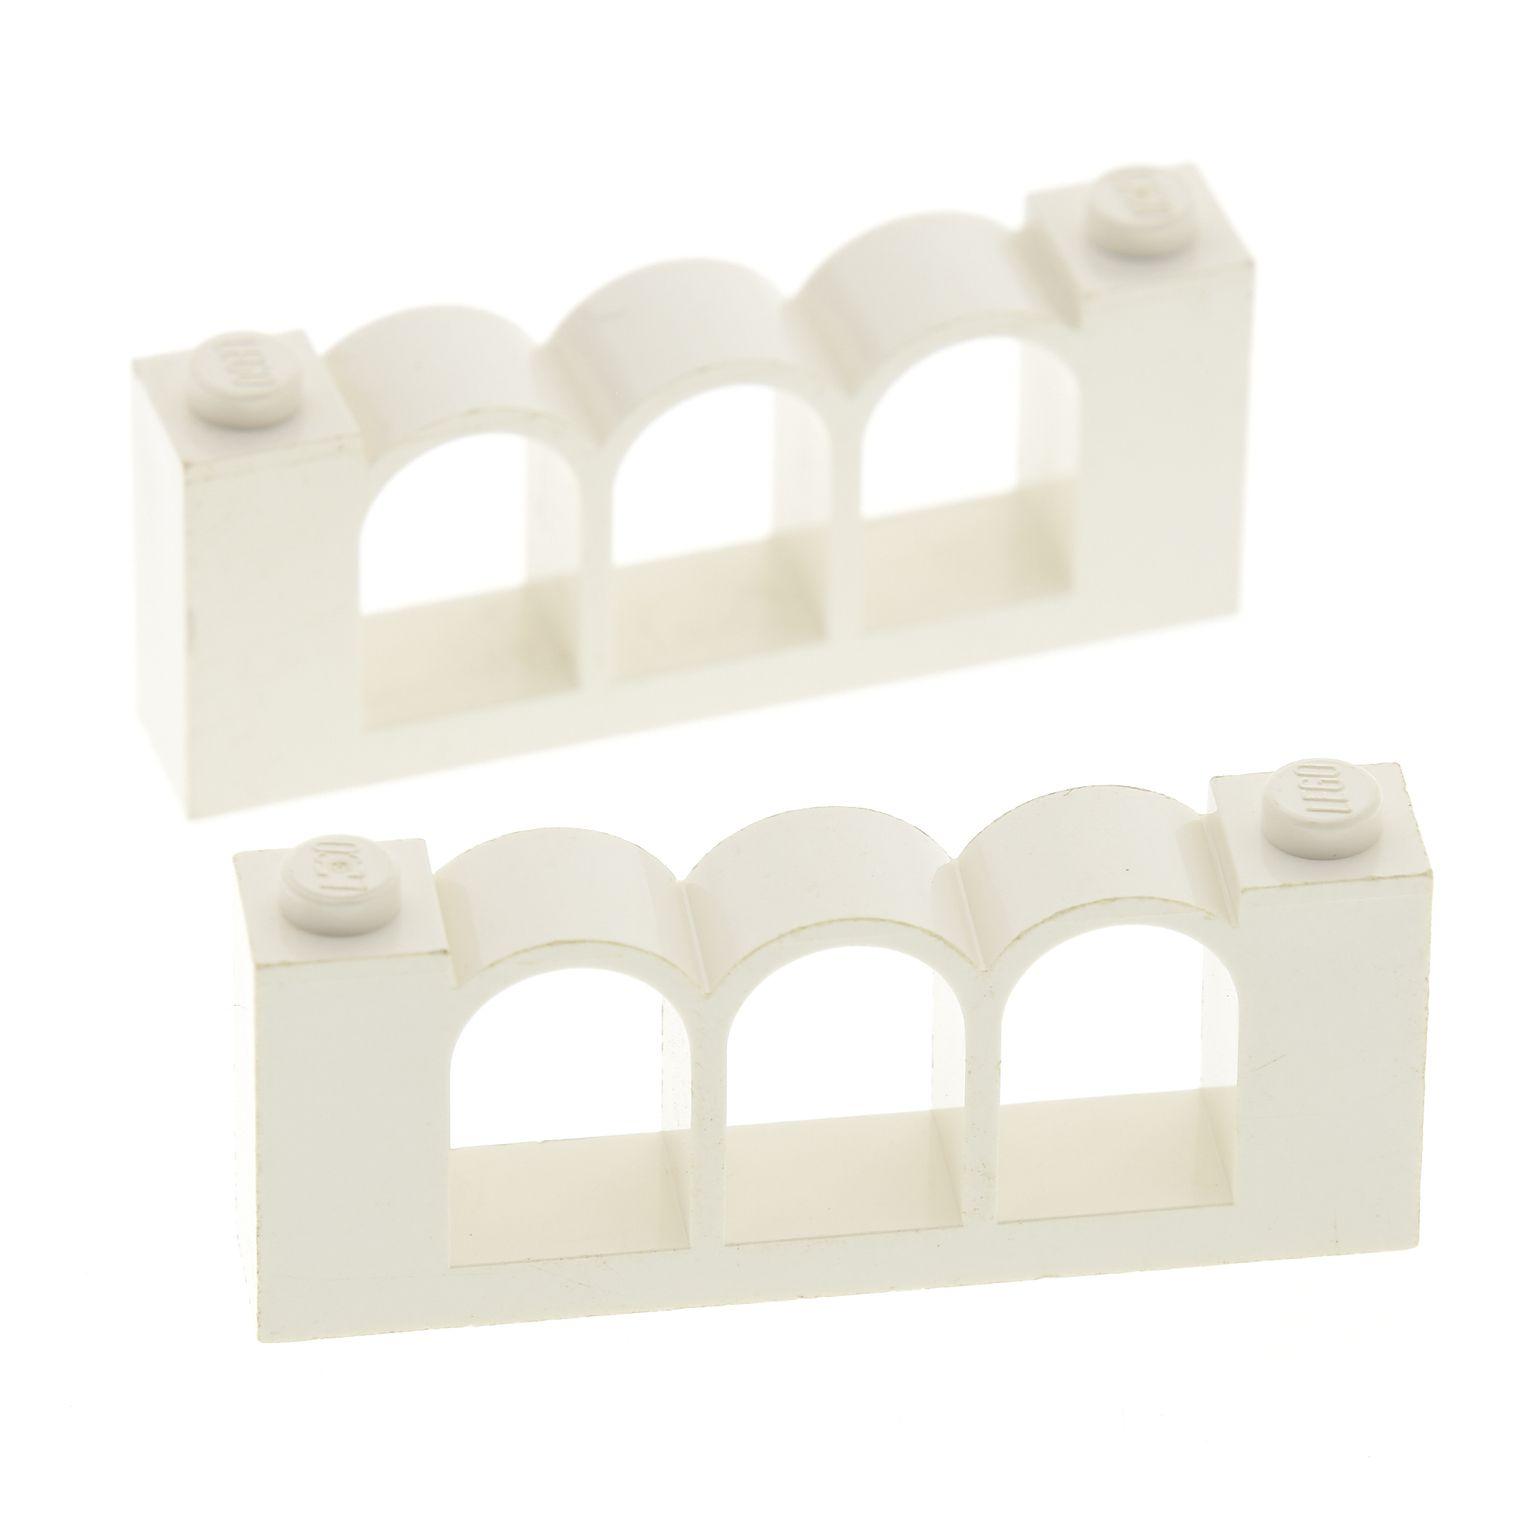 2x Lego Bogenstein gelb 1x6x2 Bögen rund Brücke Burg Castle Arch 30077